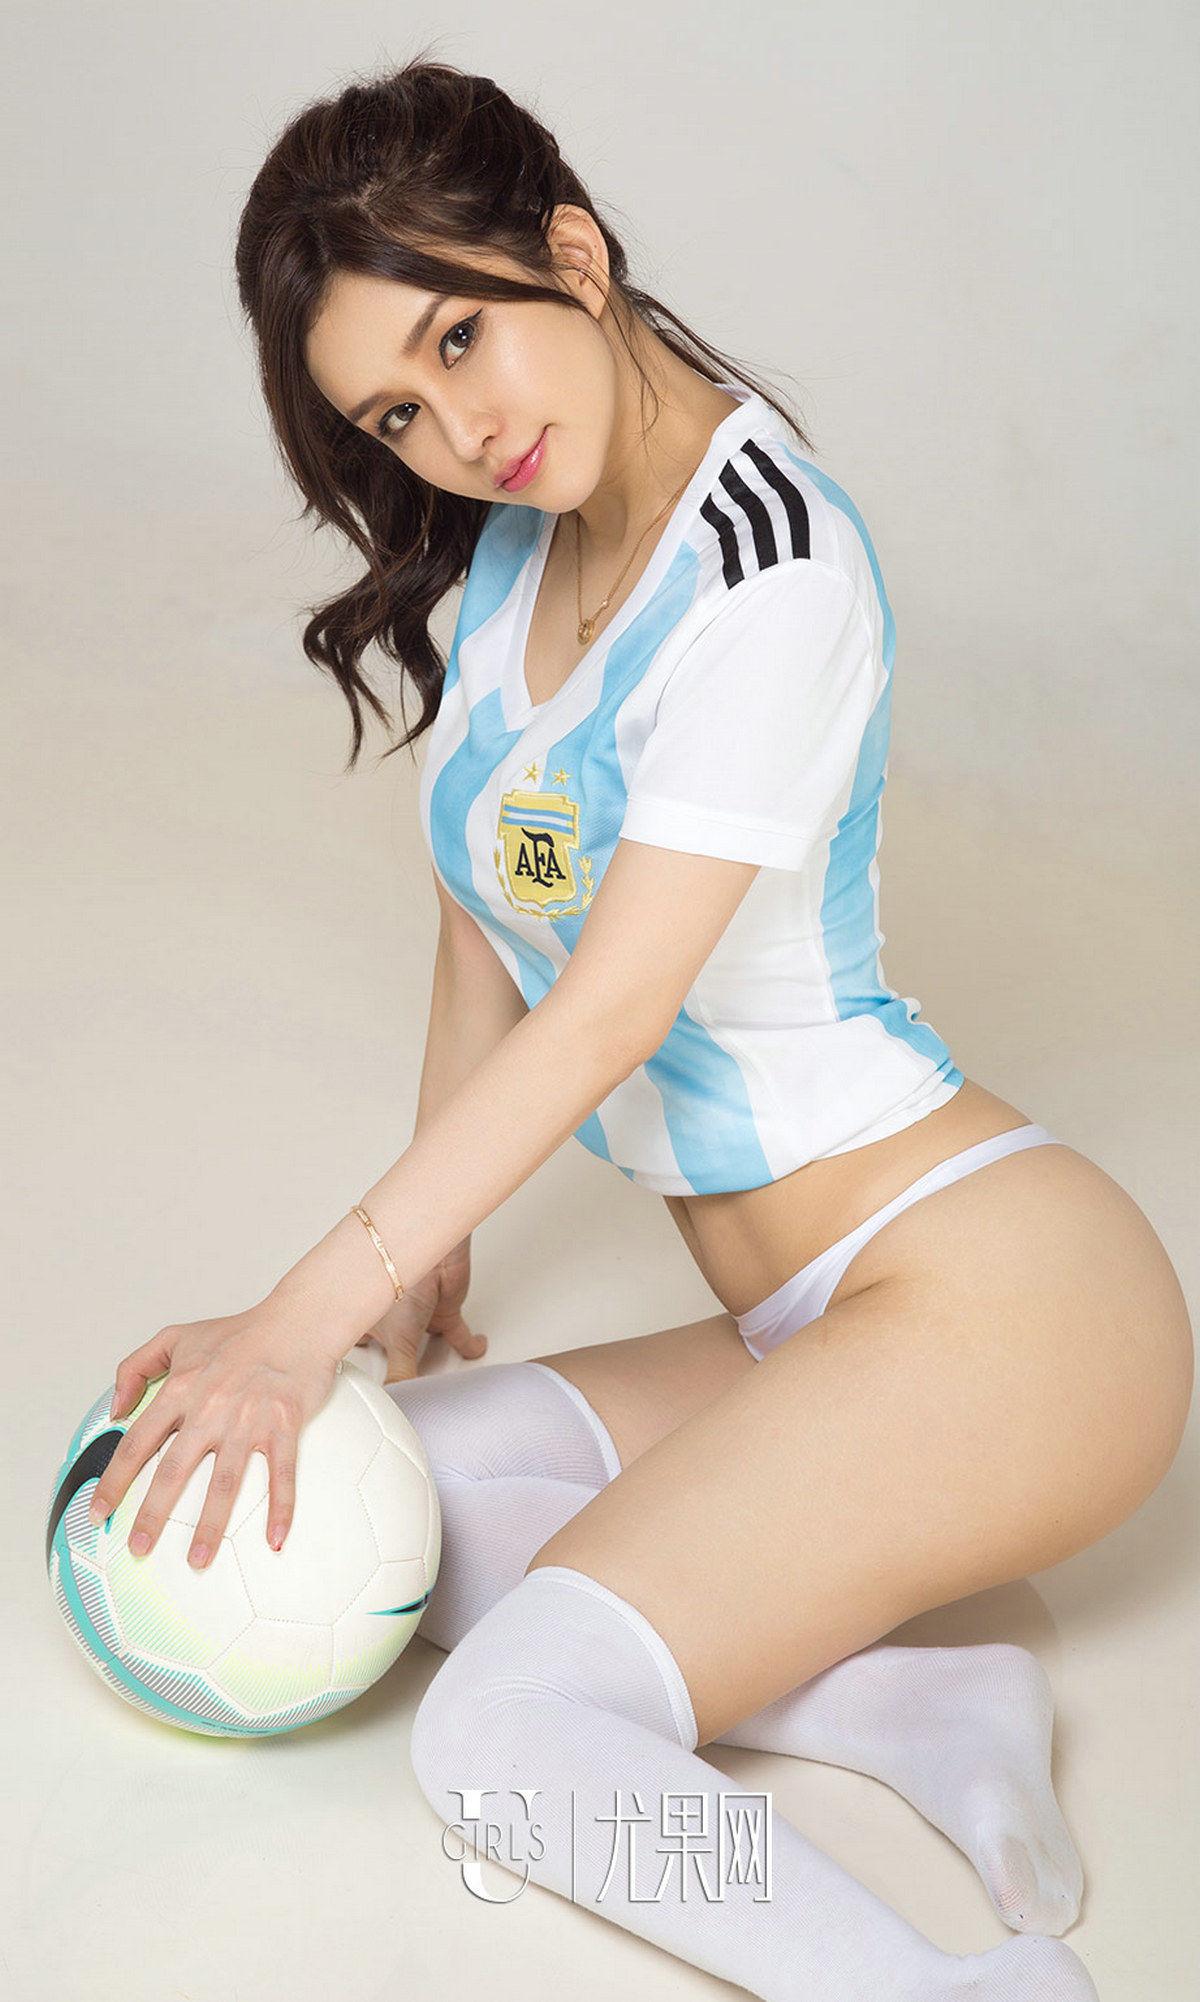 纯小希 - 阿根廷 不能平! 写真套图